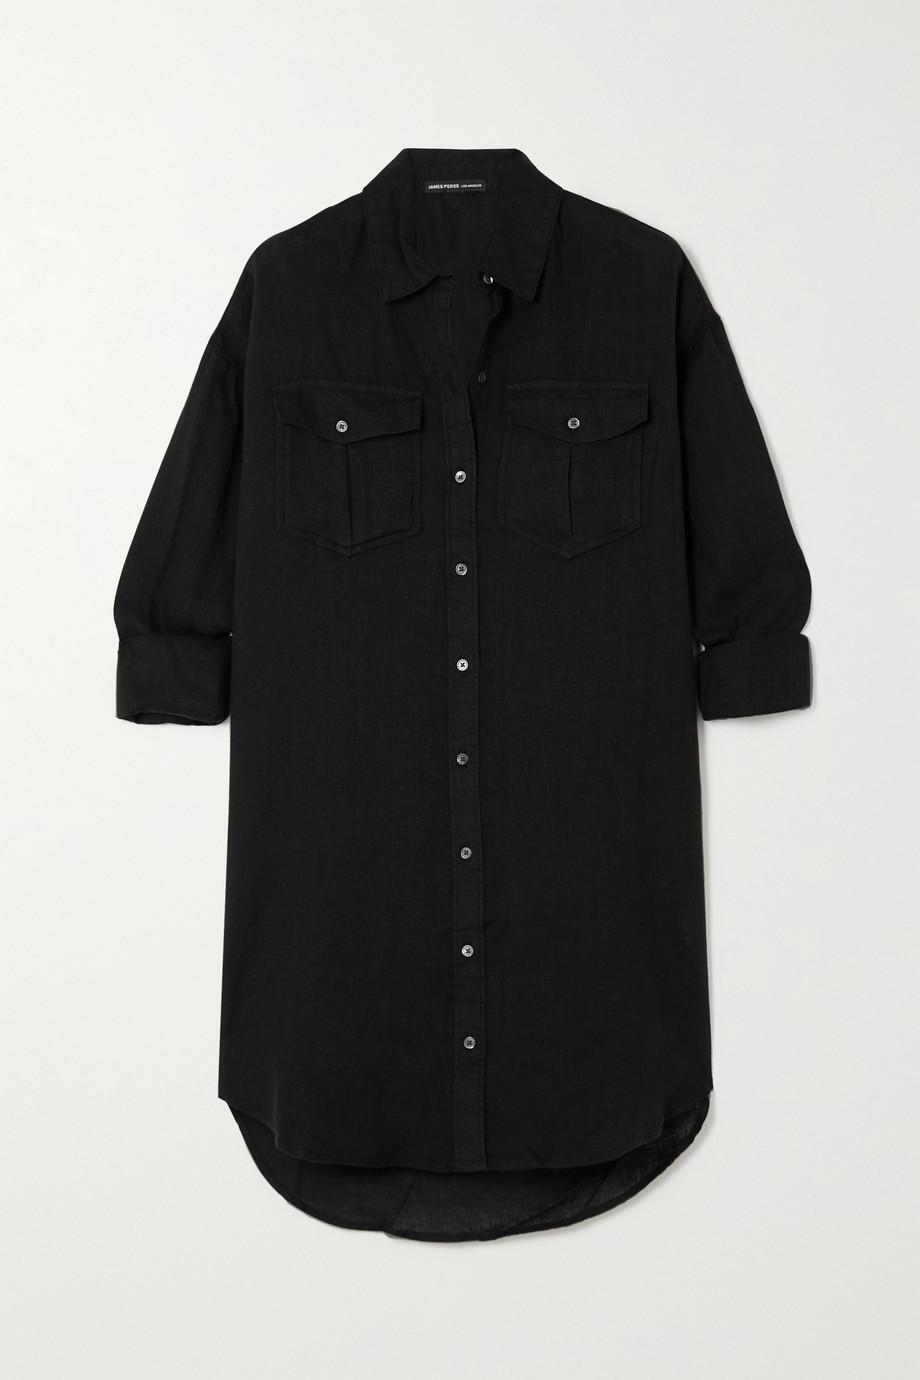 James Perse Linen shirt dress